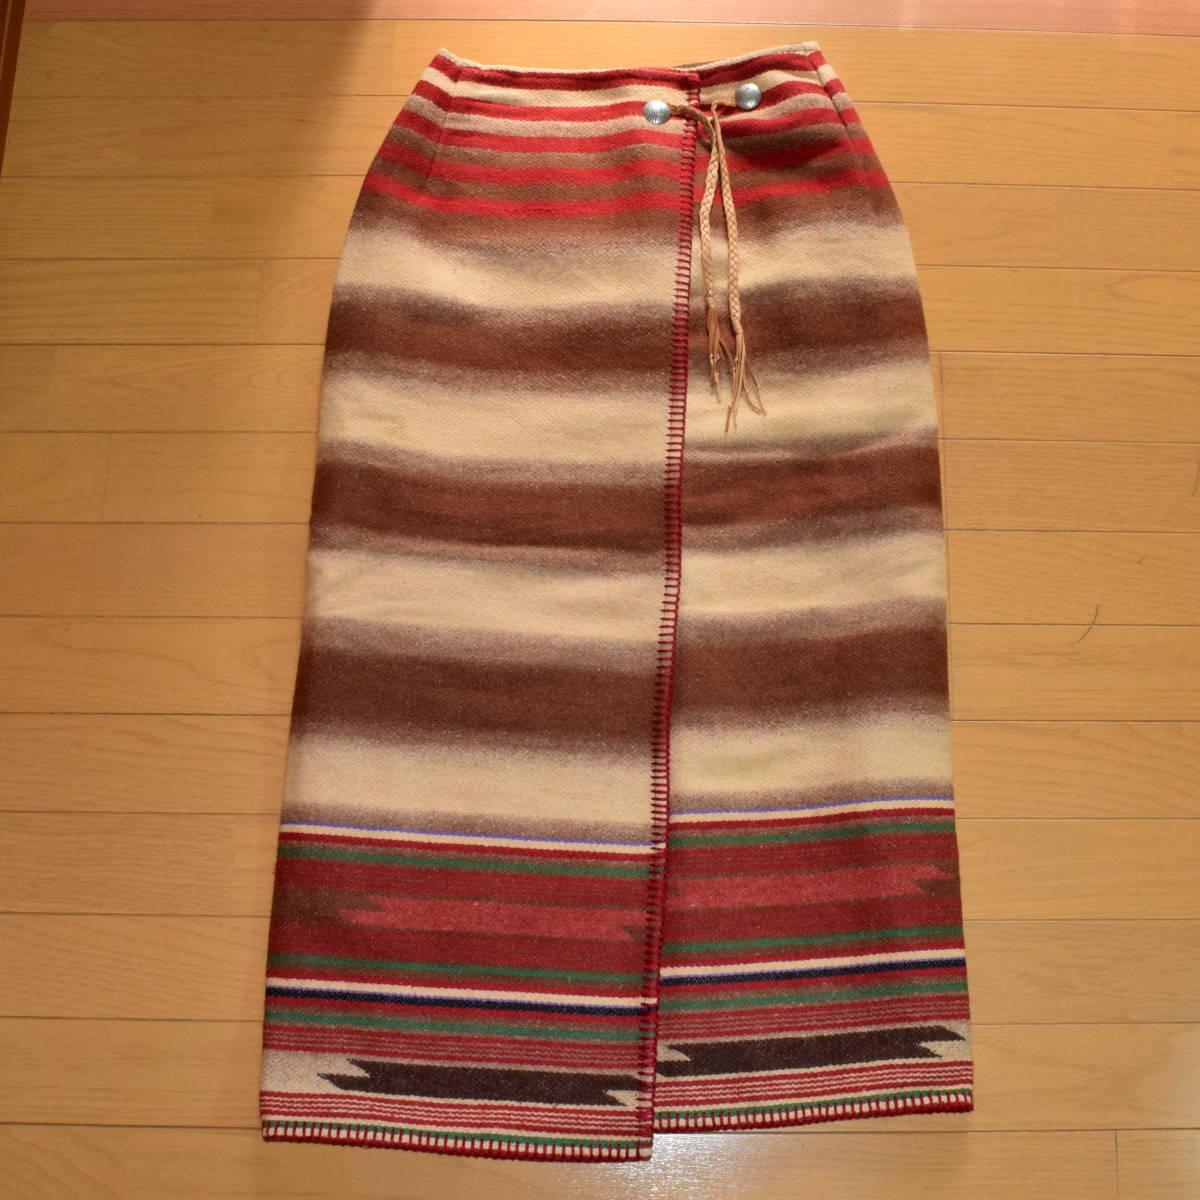 美品!USA製 ポロカントリー ネイティブ柄 ブランケット M ラグ ロング 巻きスカート コンチョ付 古着 ナバホ インディアン ビンテージ_画像5